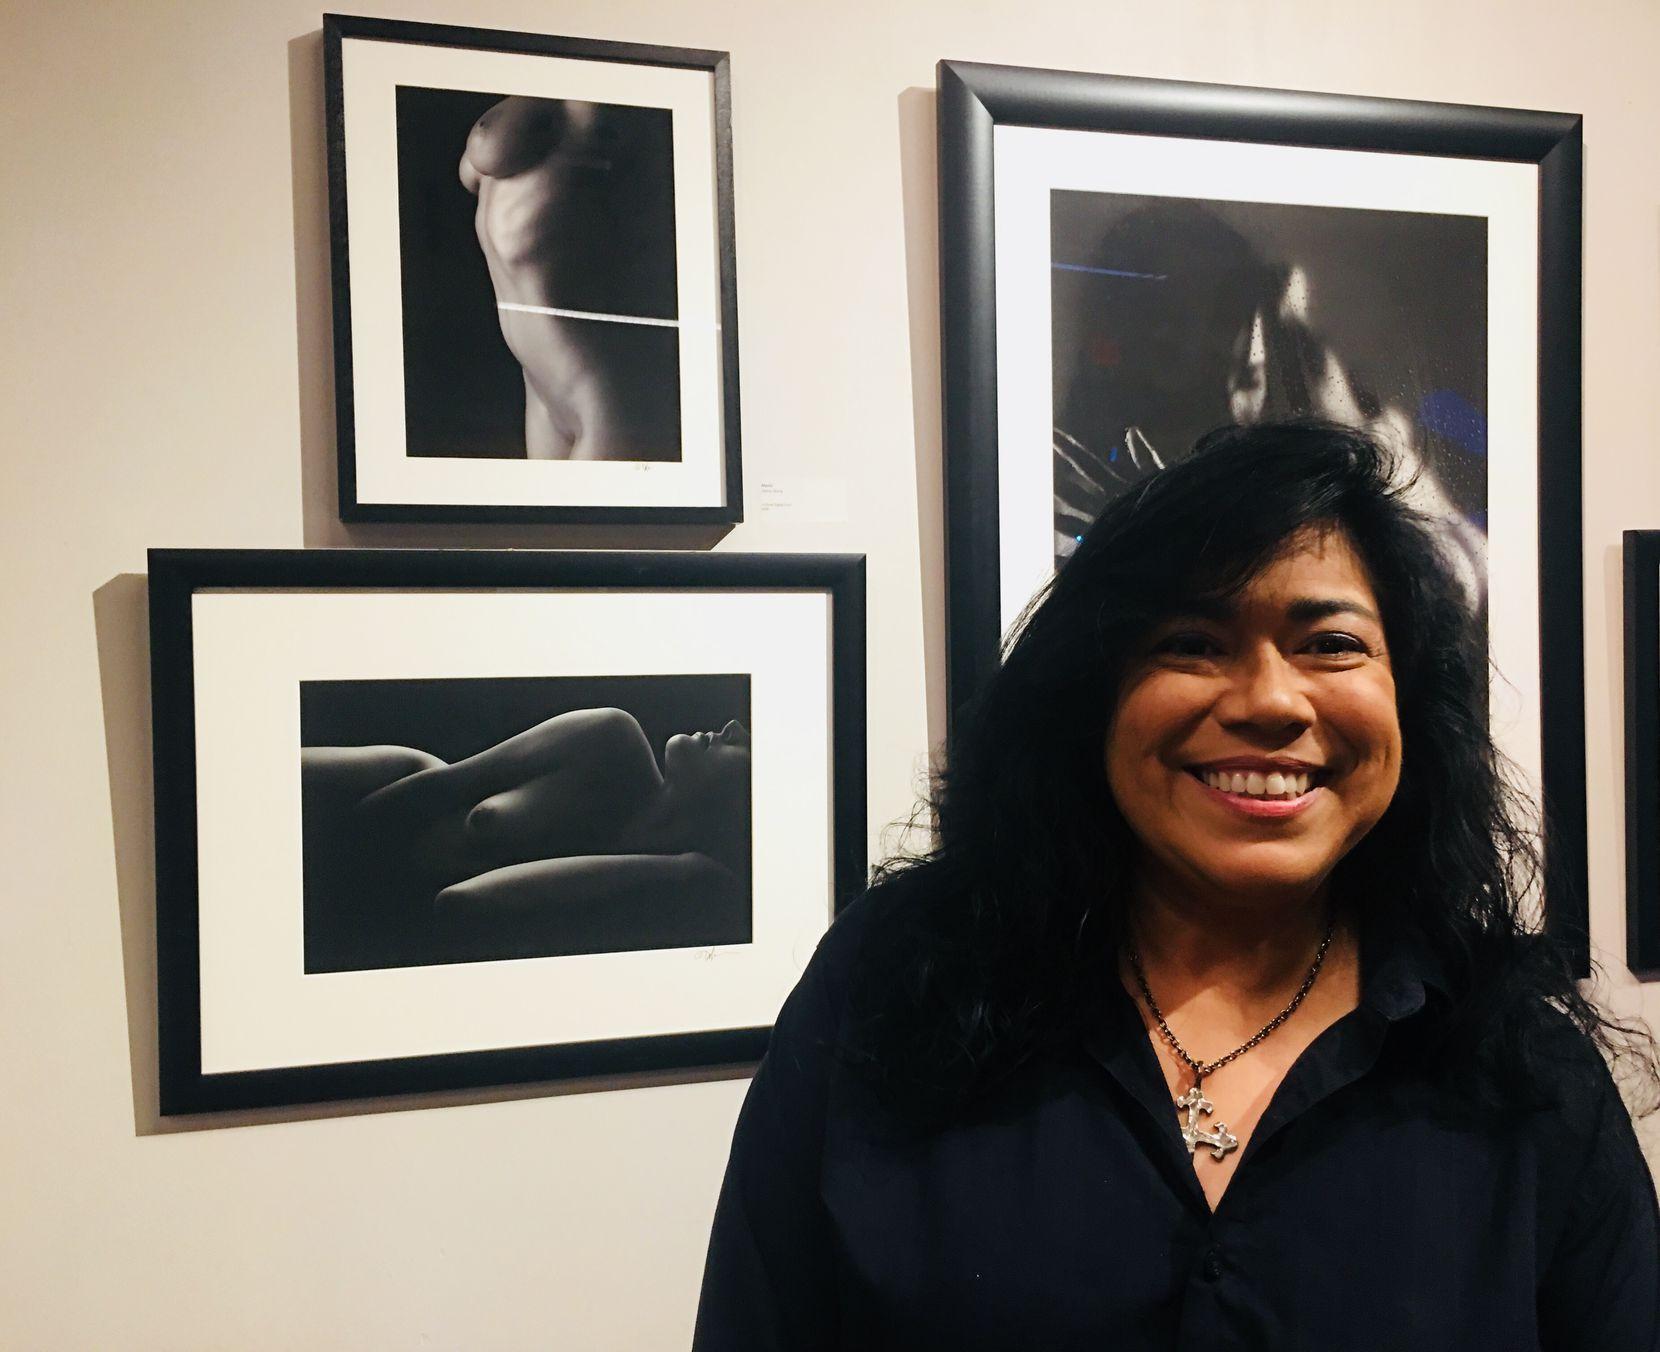 La fotógrafa Debra Gloria fotografiada al frente de sus obras en el Oak Cliff Cultural Center el 4 de mayo de 2018, en el marco de la exposición Maricón.JENNY MANRIQUE/AL DÍA